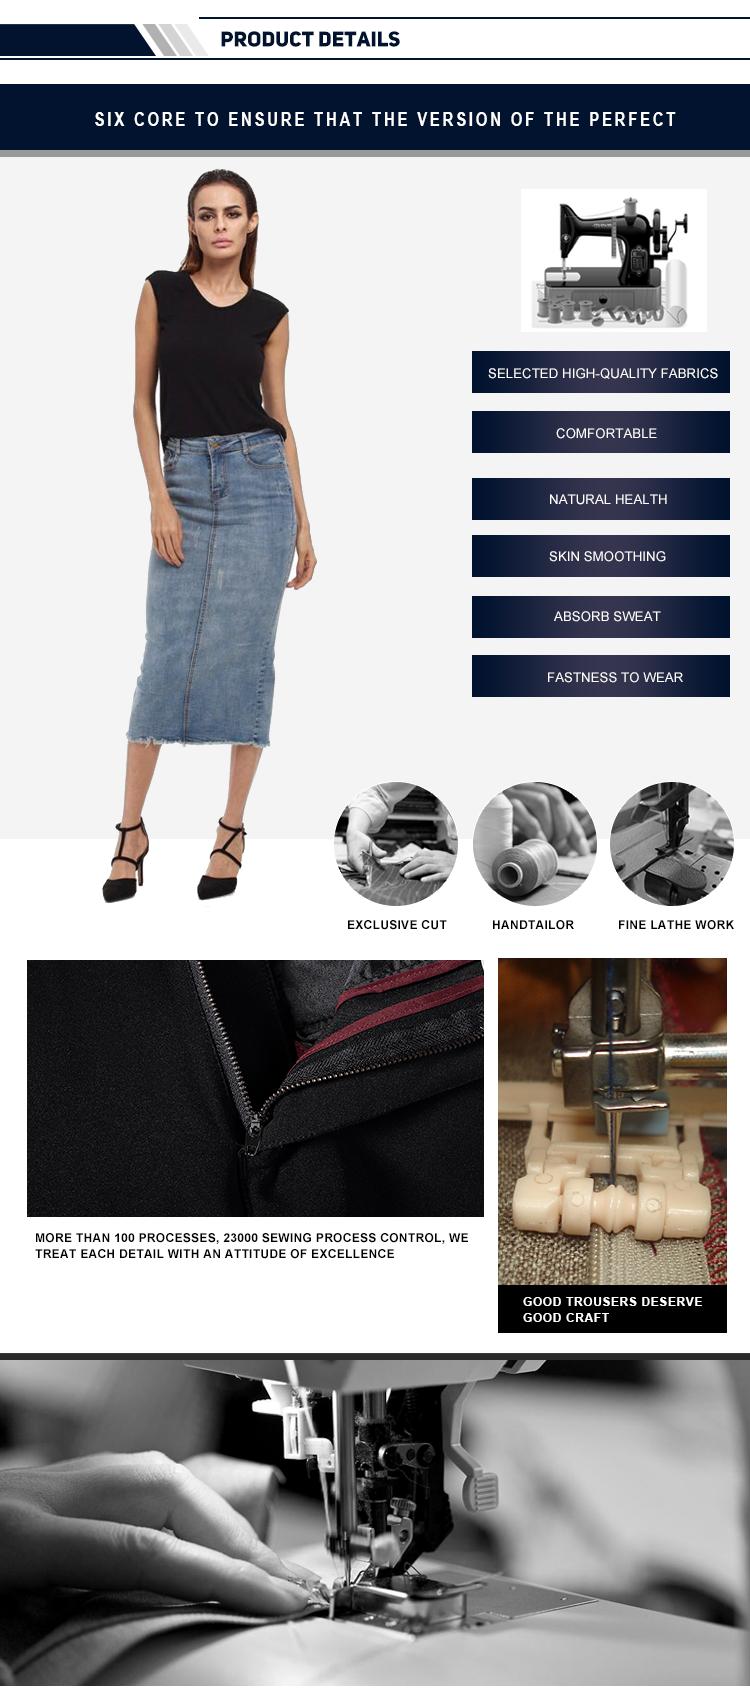 Ws-中国メーカー最新デザインダークブルーセクシーなハイウエストデニムジーンズミニスカート熱い女性スカート